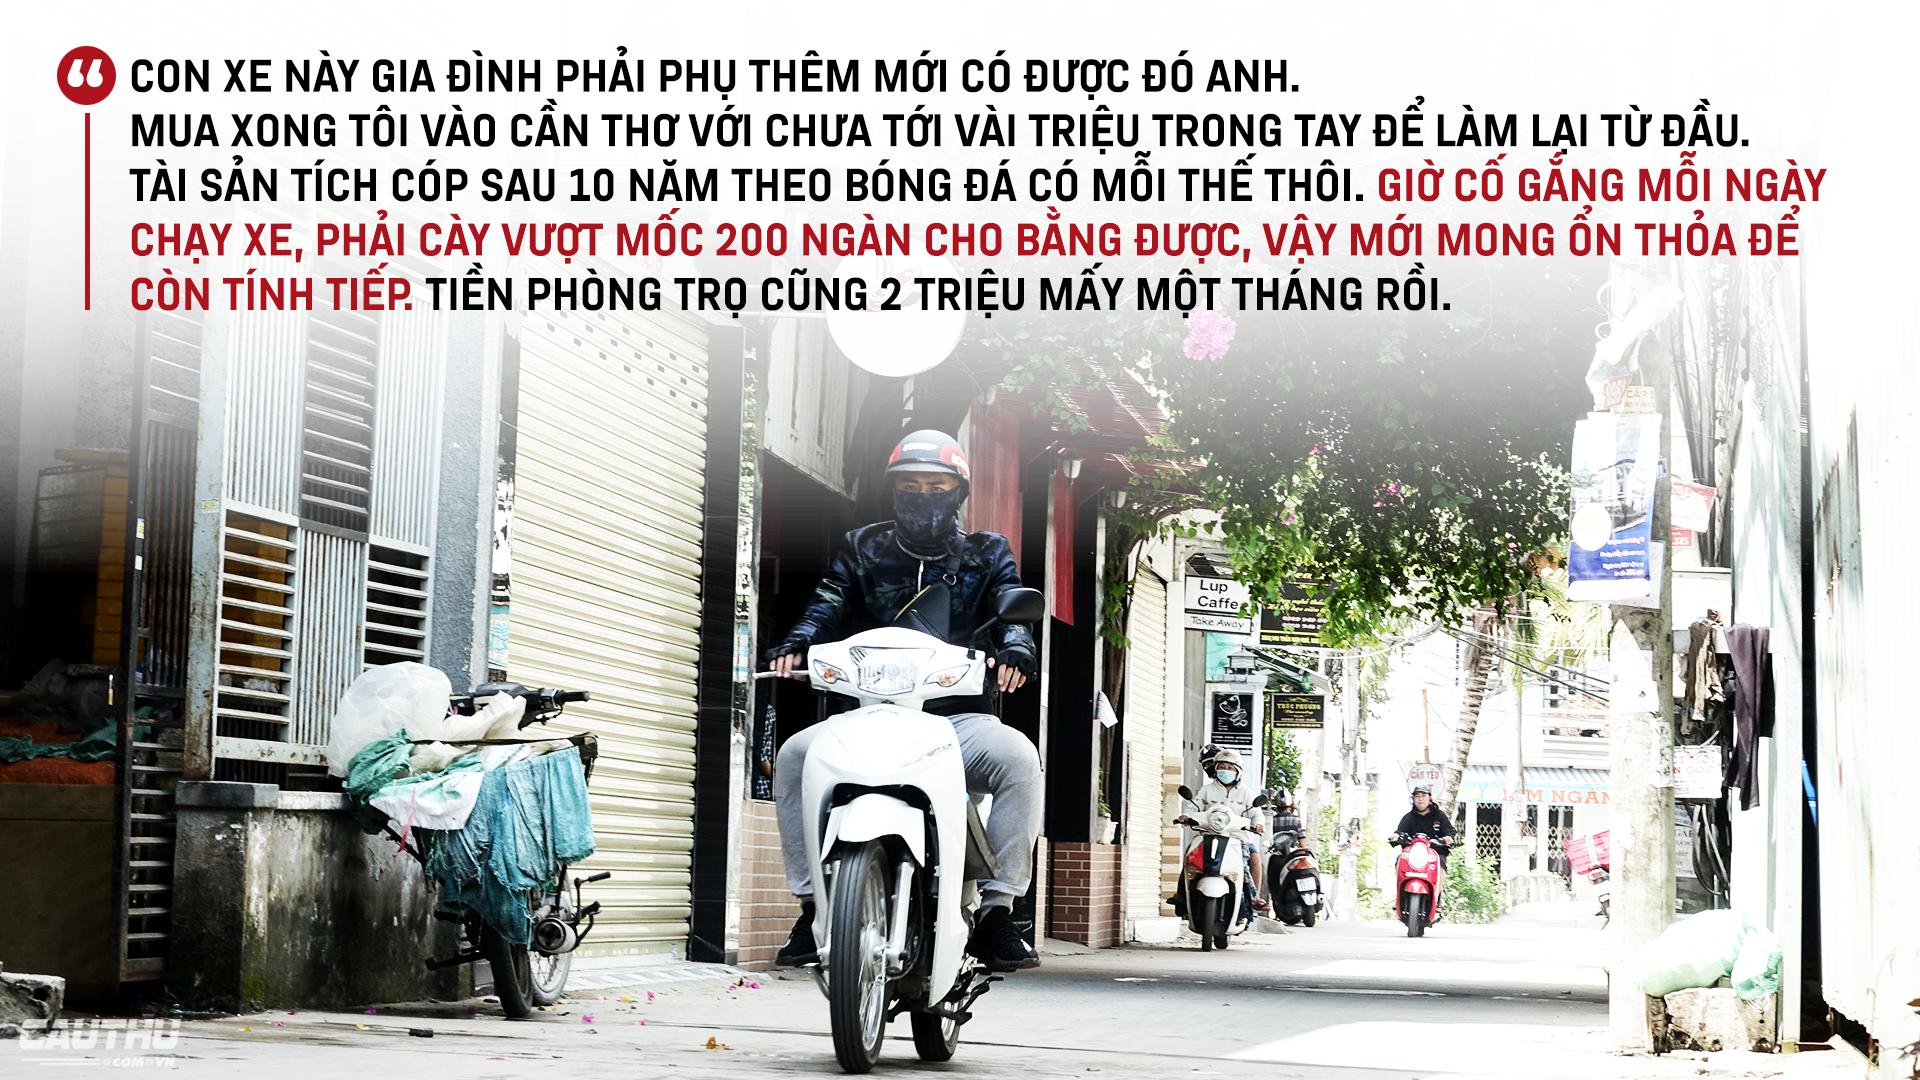 """Tuyển thủ U18 Việt Nam Phan Bá Hoàng: Mẹ, bóng đá & nước mắt của Hoàng """"shipper"""" - Ảnh 4."""